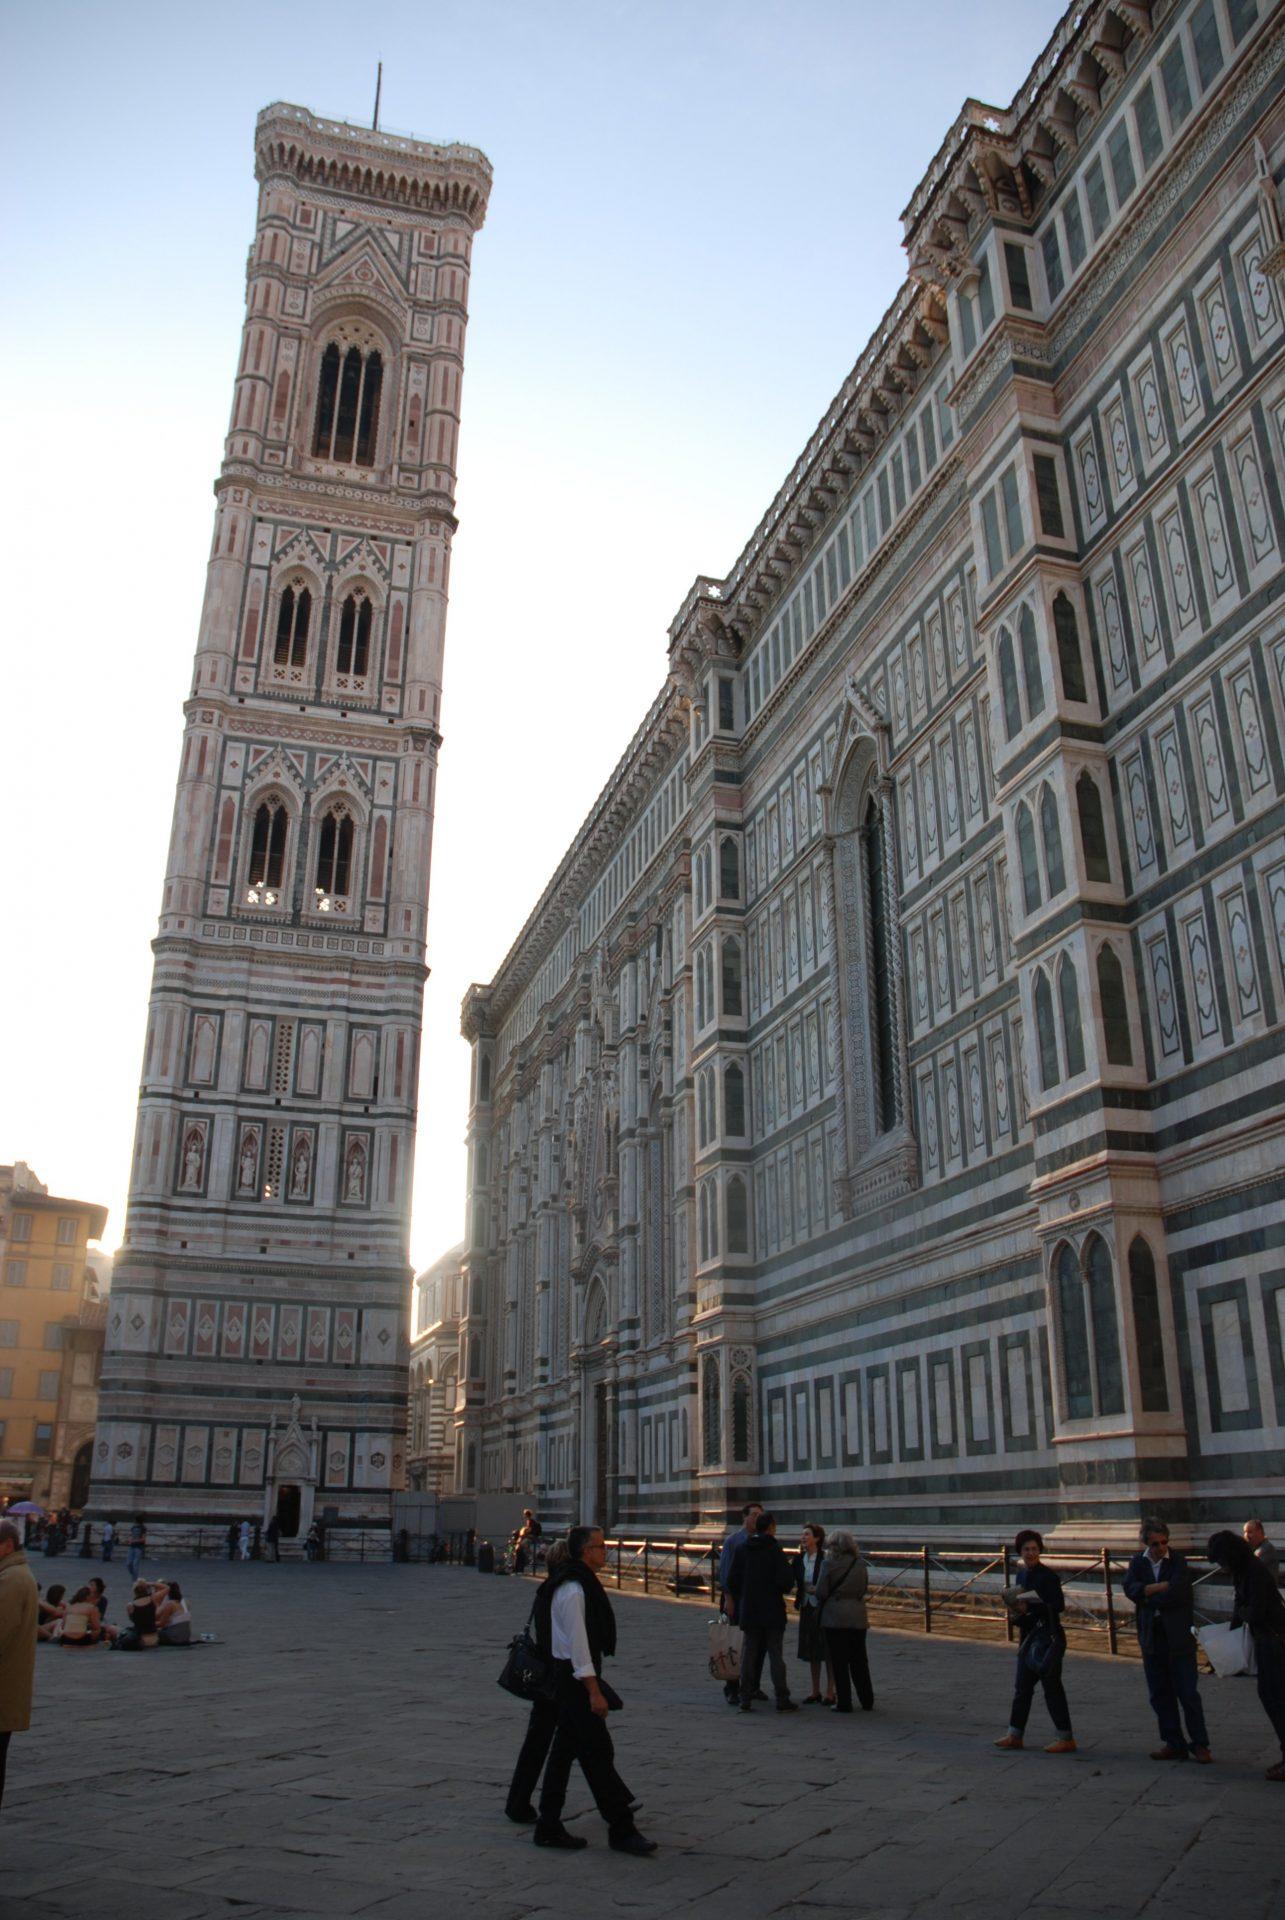 Кампанила Джотто, Флоренция, Италия. Апрель, 2011